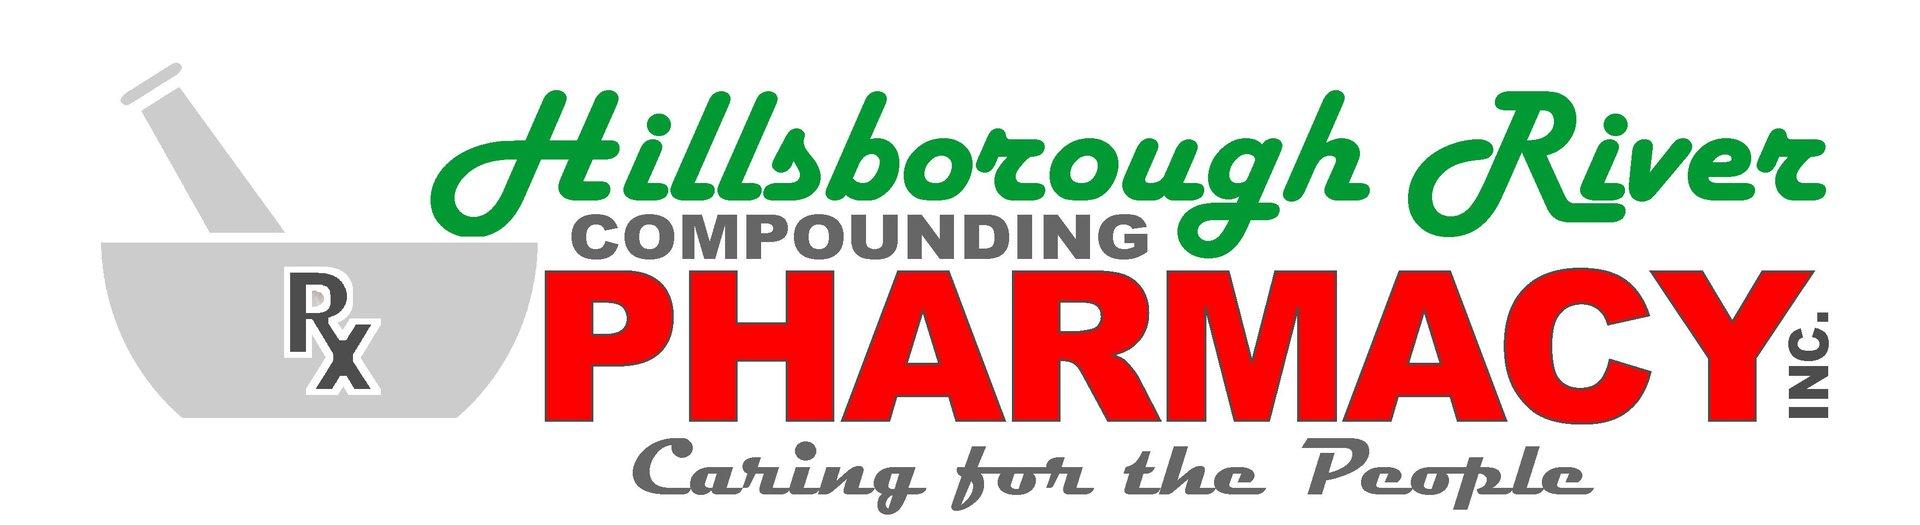 Hillsborough River Pharmacy logo